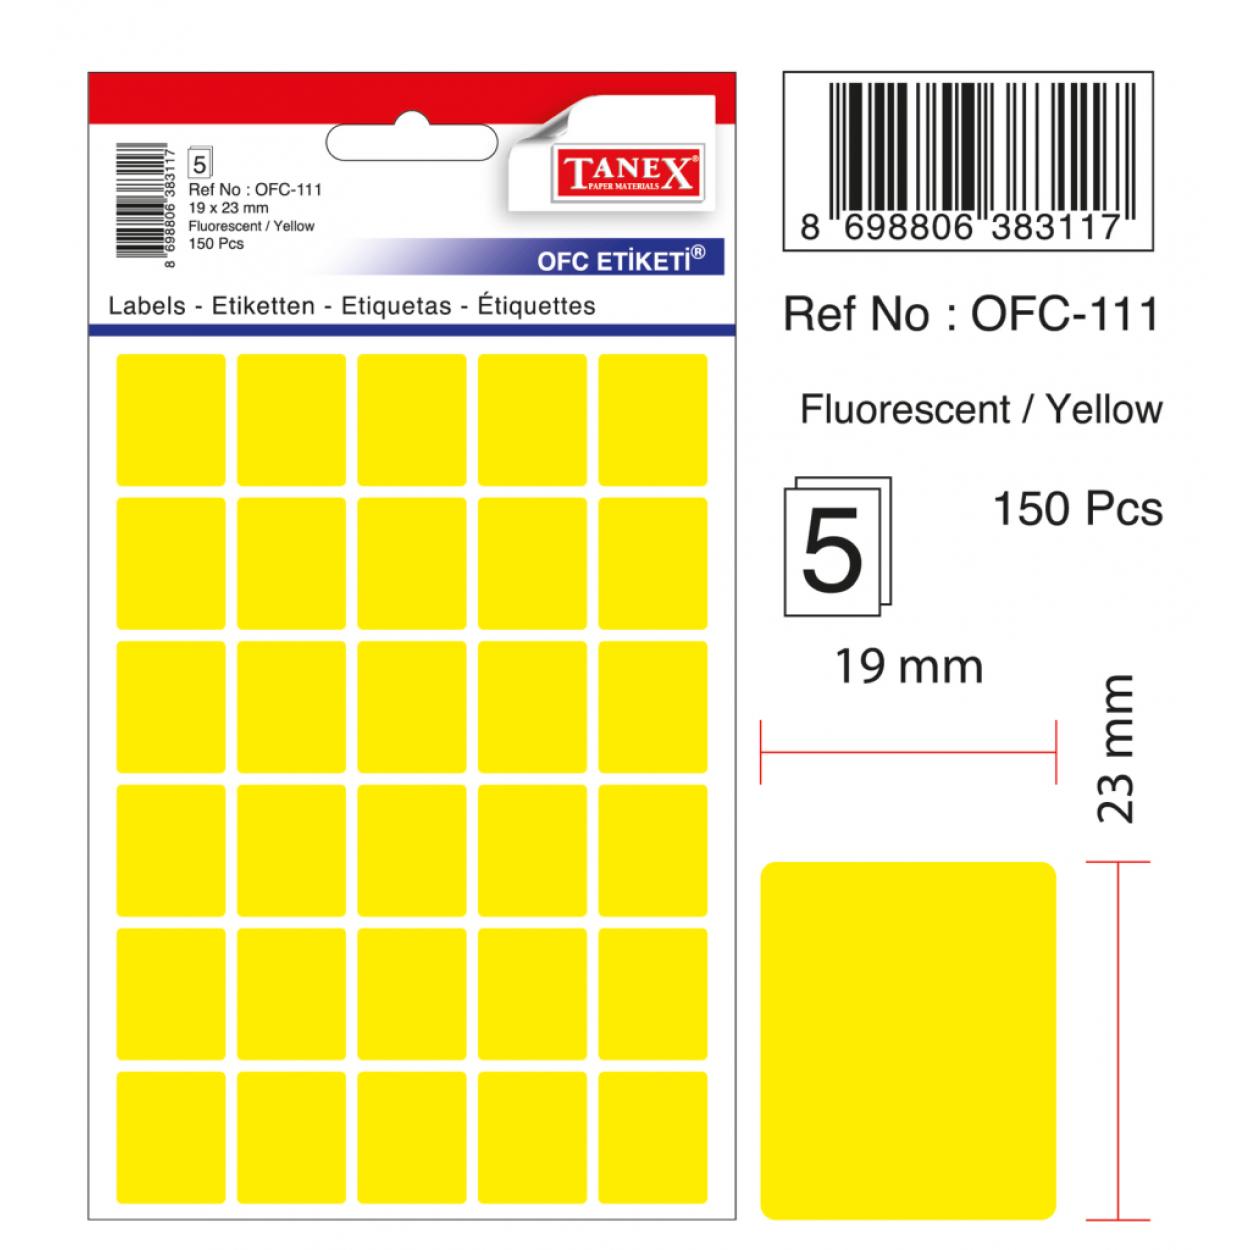 Tanex Ofc-111 Sarı Ofis Etiketi